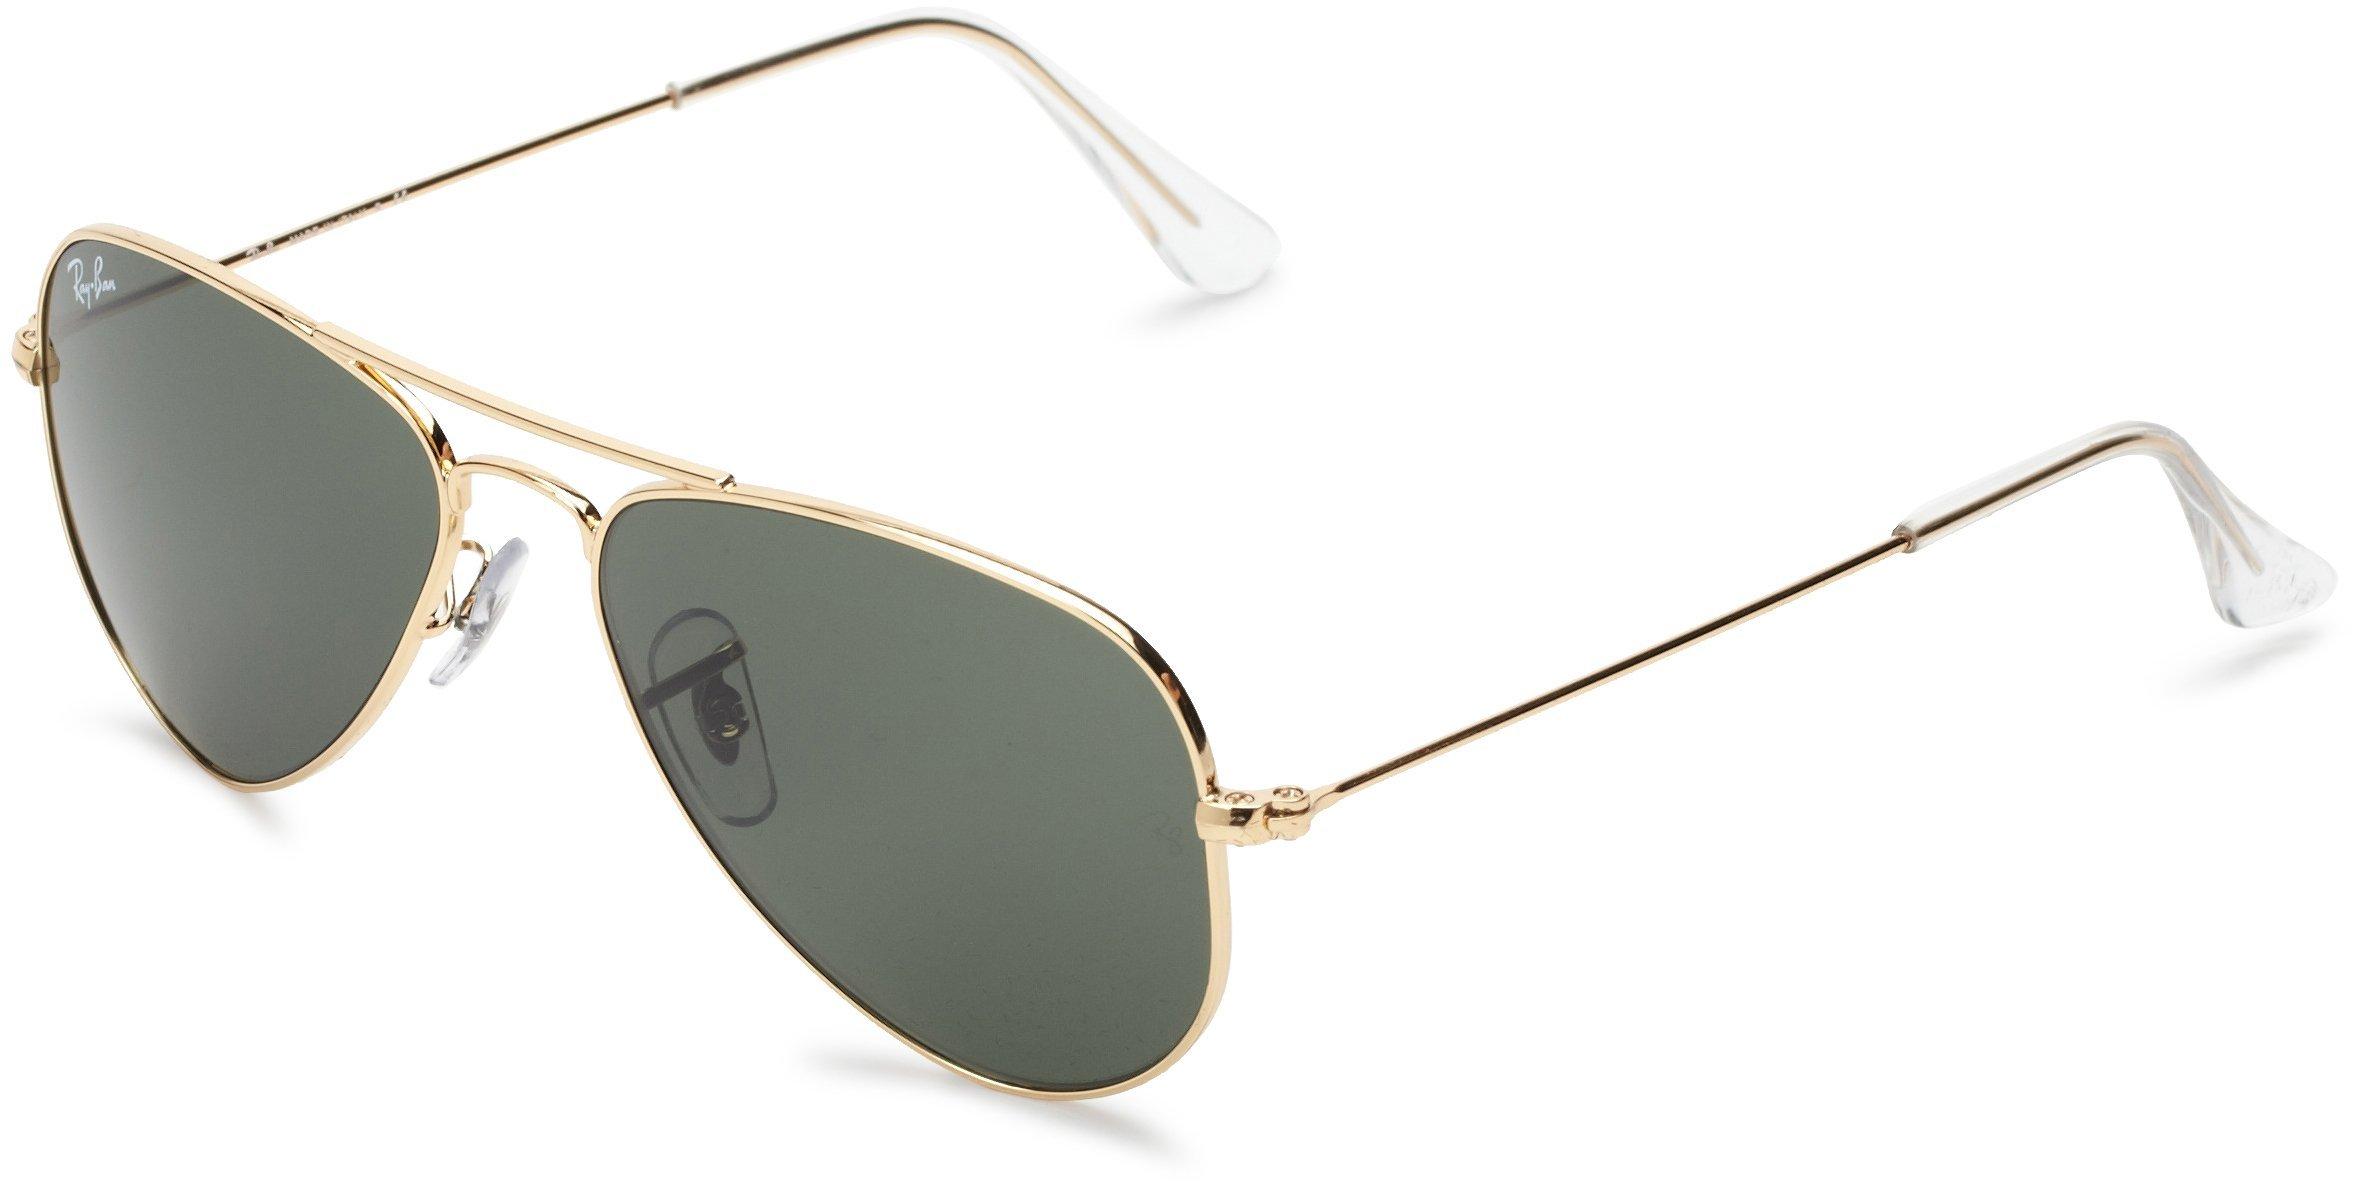 ray ban aviator small metal sunglasses